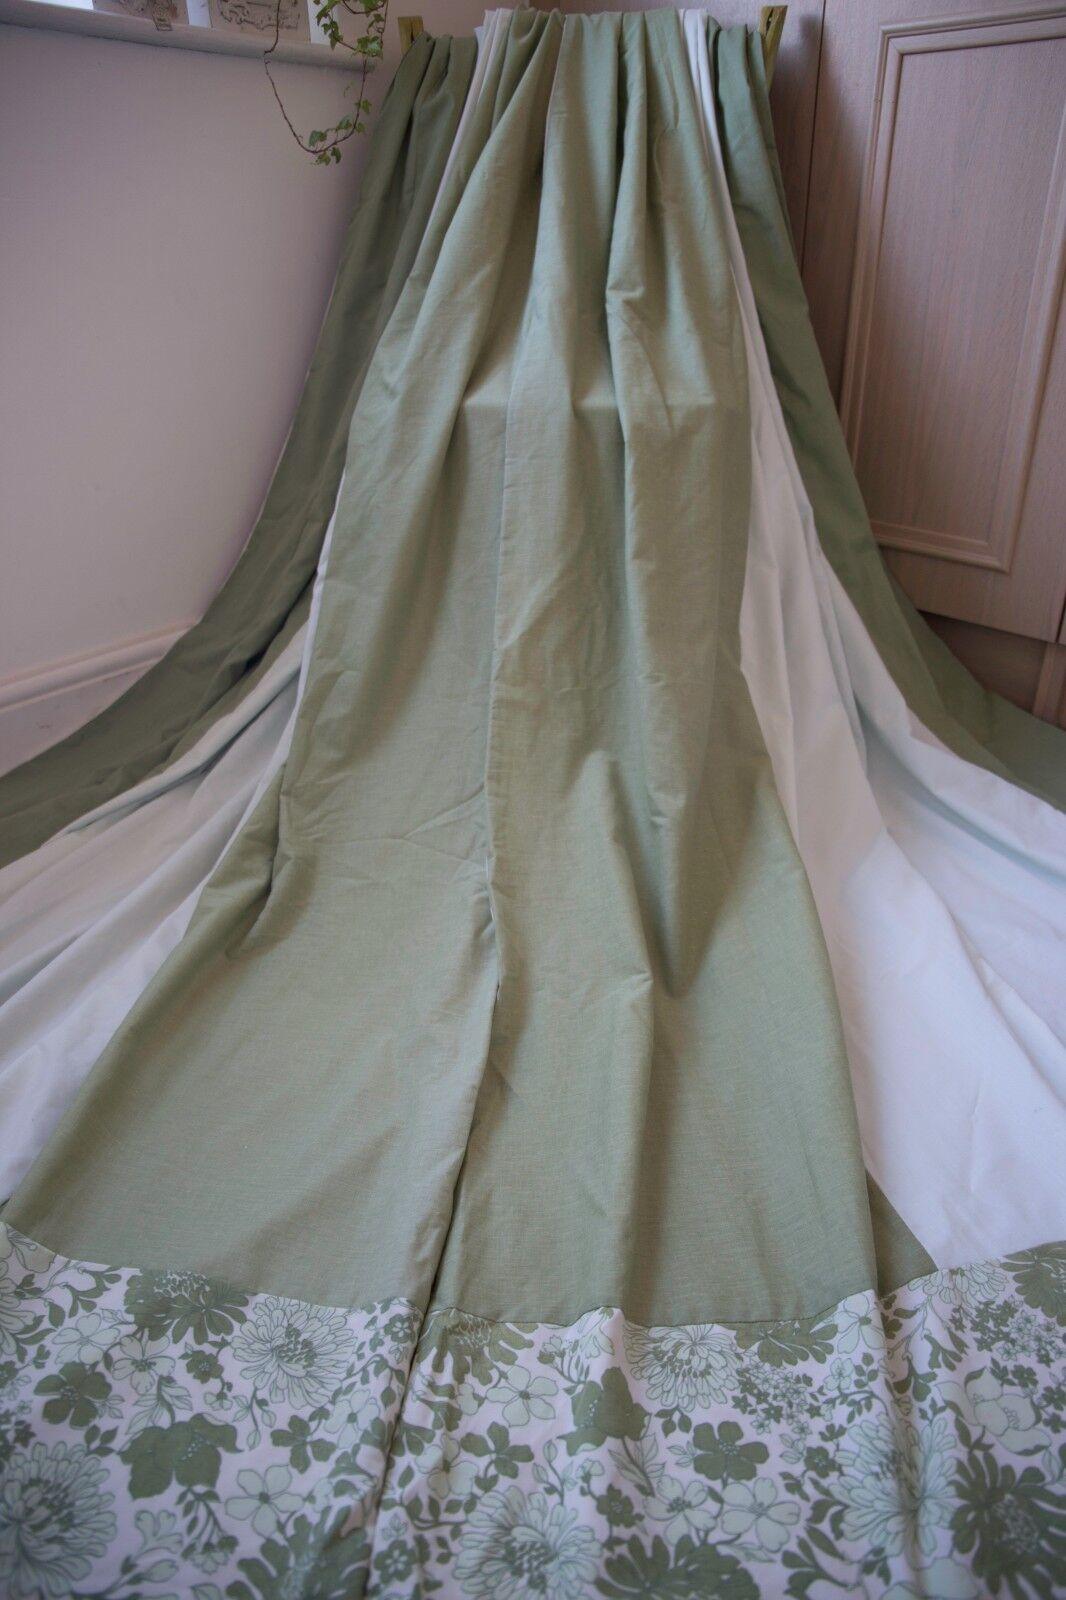 Fatto a mano tende cotone verde, 58WX77D, Menta, cetriolini, Floreale, anello superiore, VINTAGE, MTM